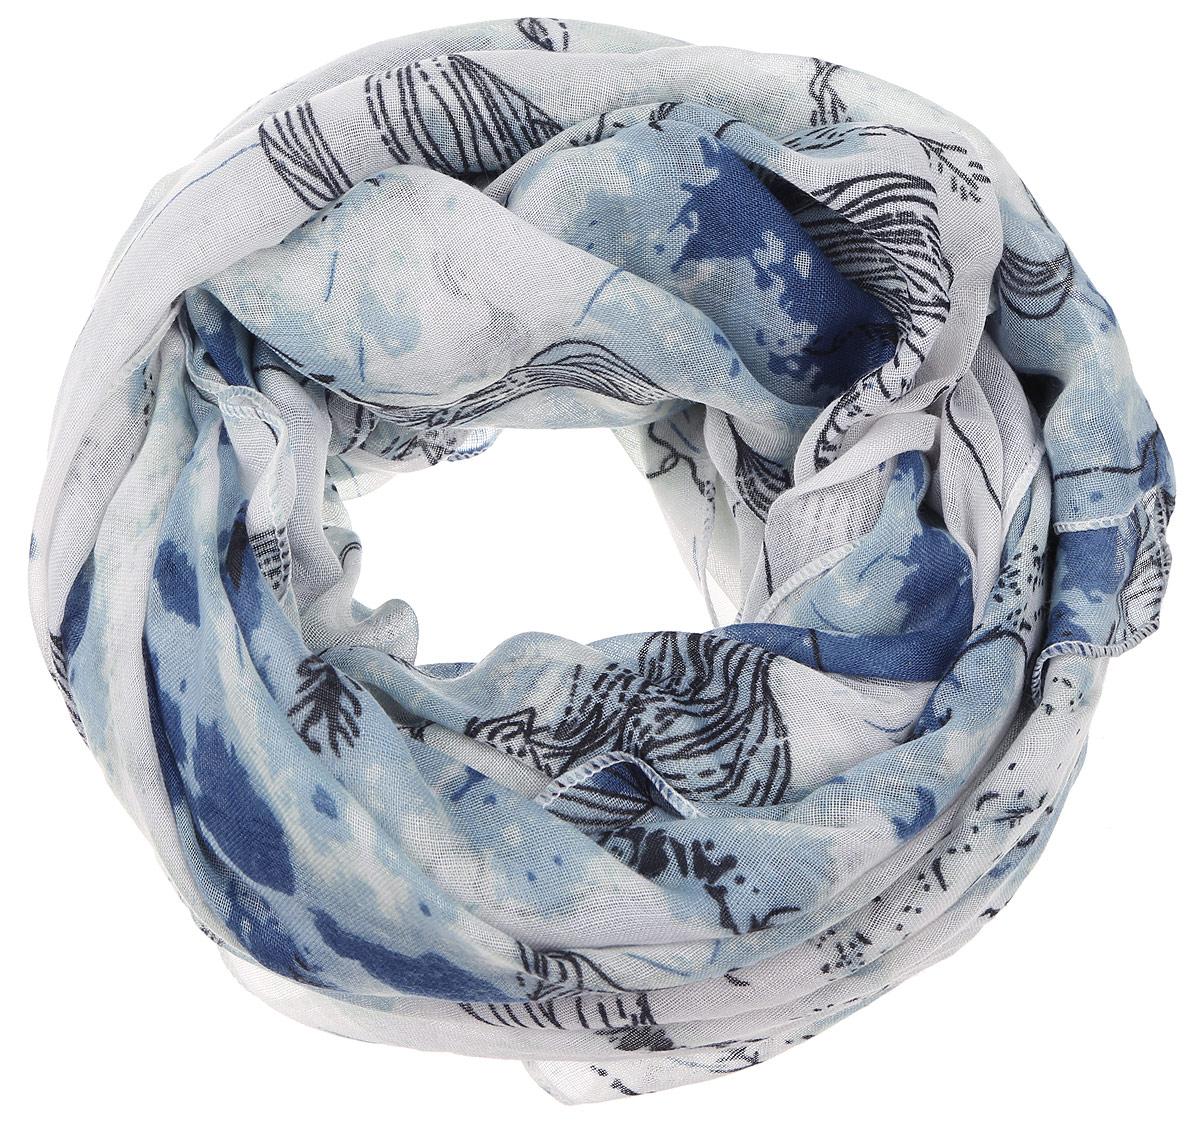 ПалантинYY-11656-11Элегантный палантин Sophie Ramage изготовлен из высококачественного модала с добавлением шерсти. Оформлена модель стильным цветочным принтом. Палантин красиво драпируется, он превосходно дополнит любой наряд и подчеркнет ваш изысканный вкус.